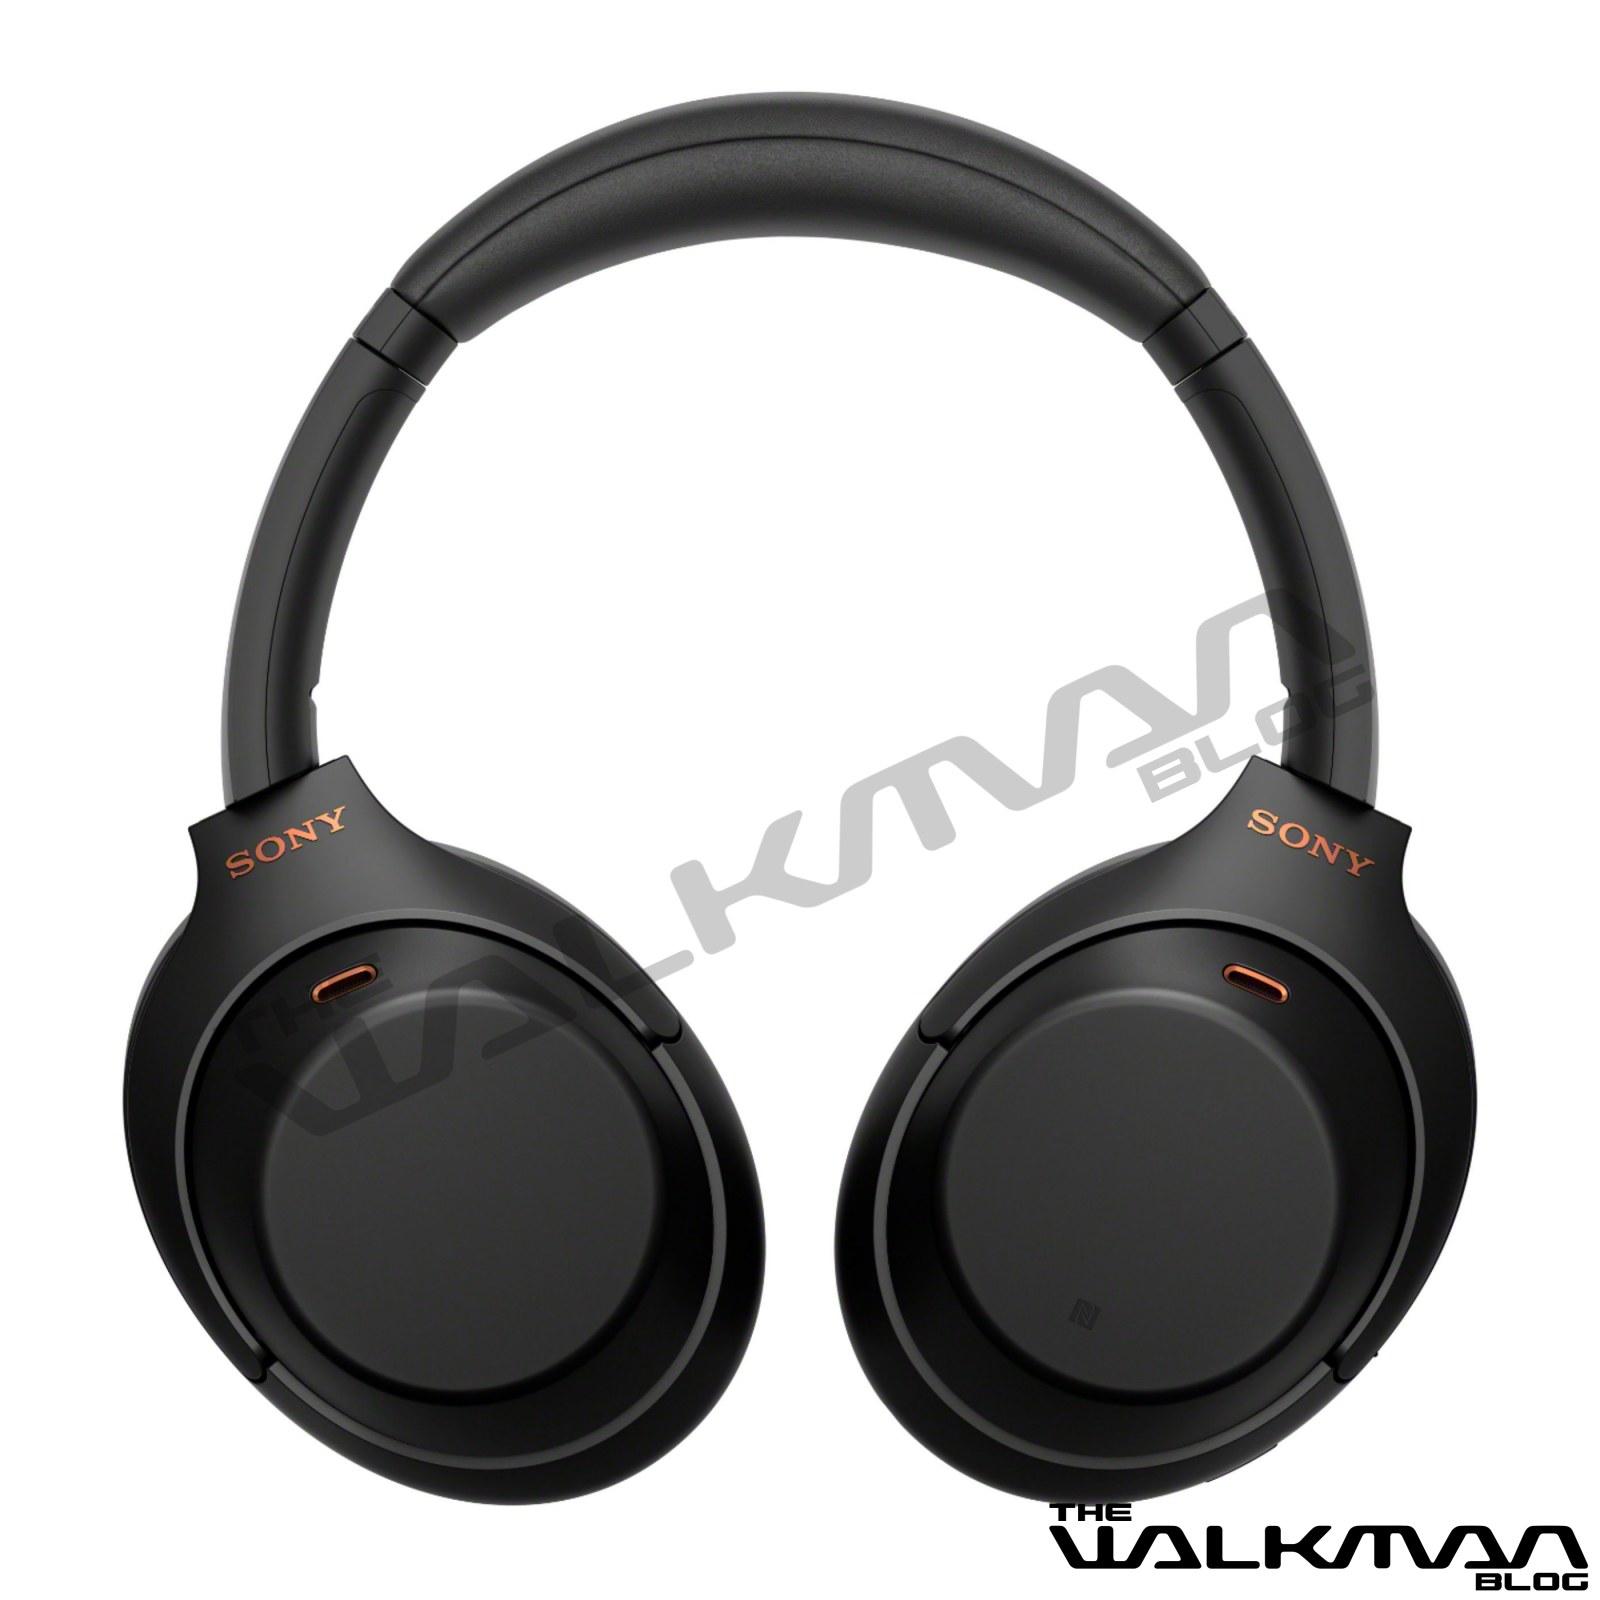 Szukasz dobrych słuchawek z ANC? Poczekaj, wkrótce premiera Sony WH-1000XM4 20